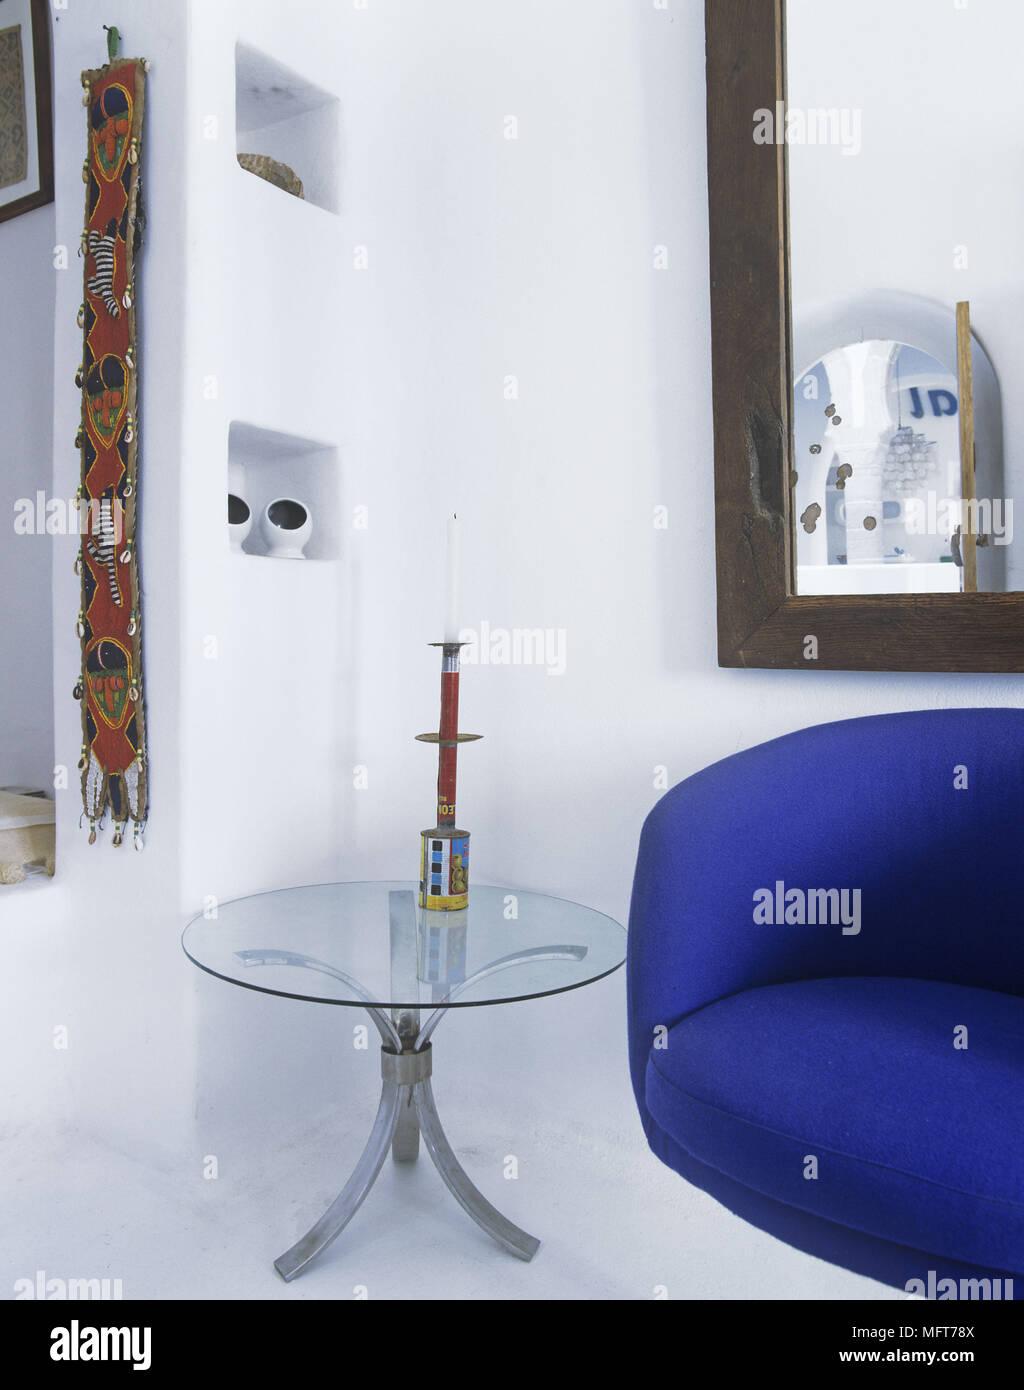 Un Dettaglio Di Un Moderno E Bianco Salotto Divano Blu Specchio Da